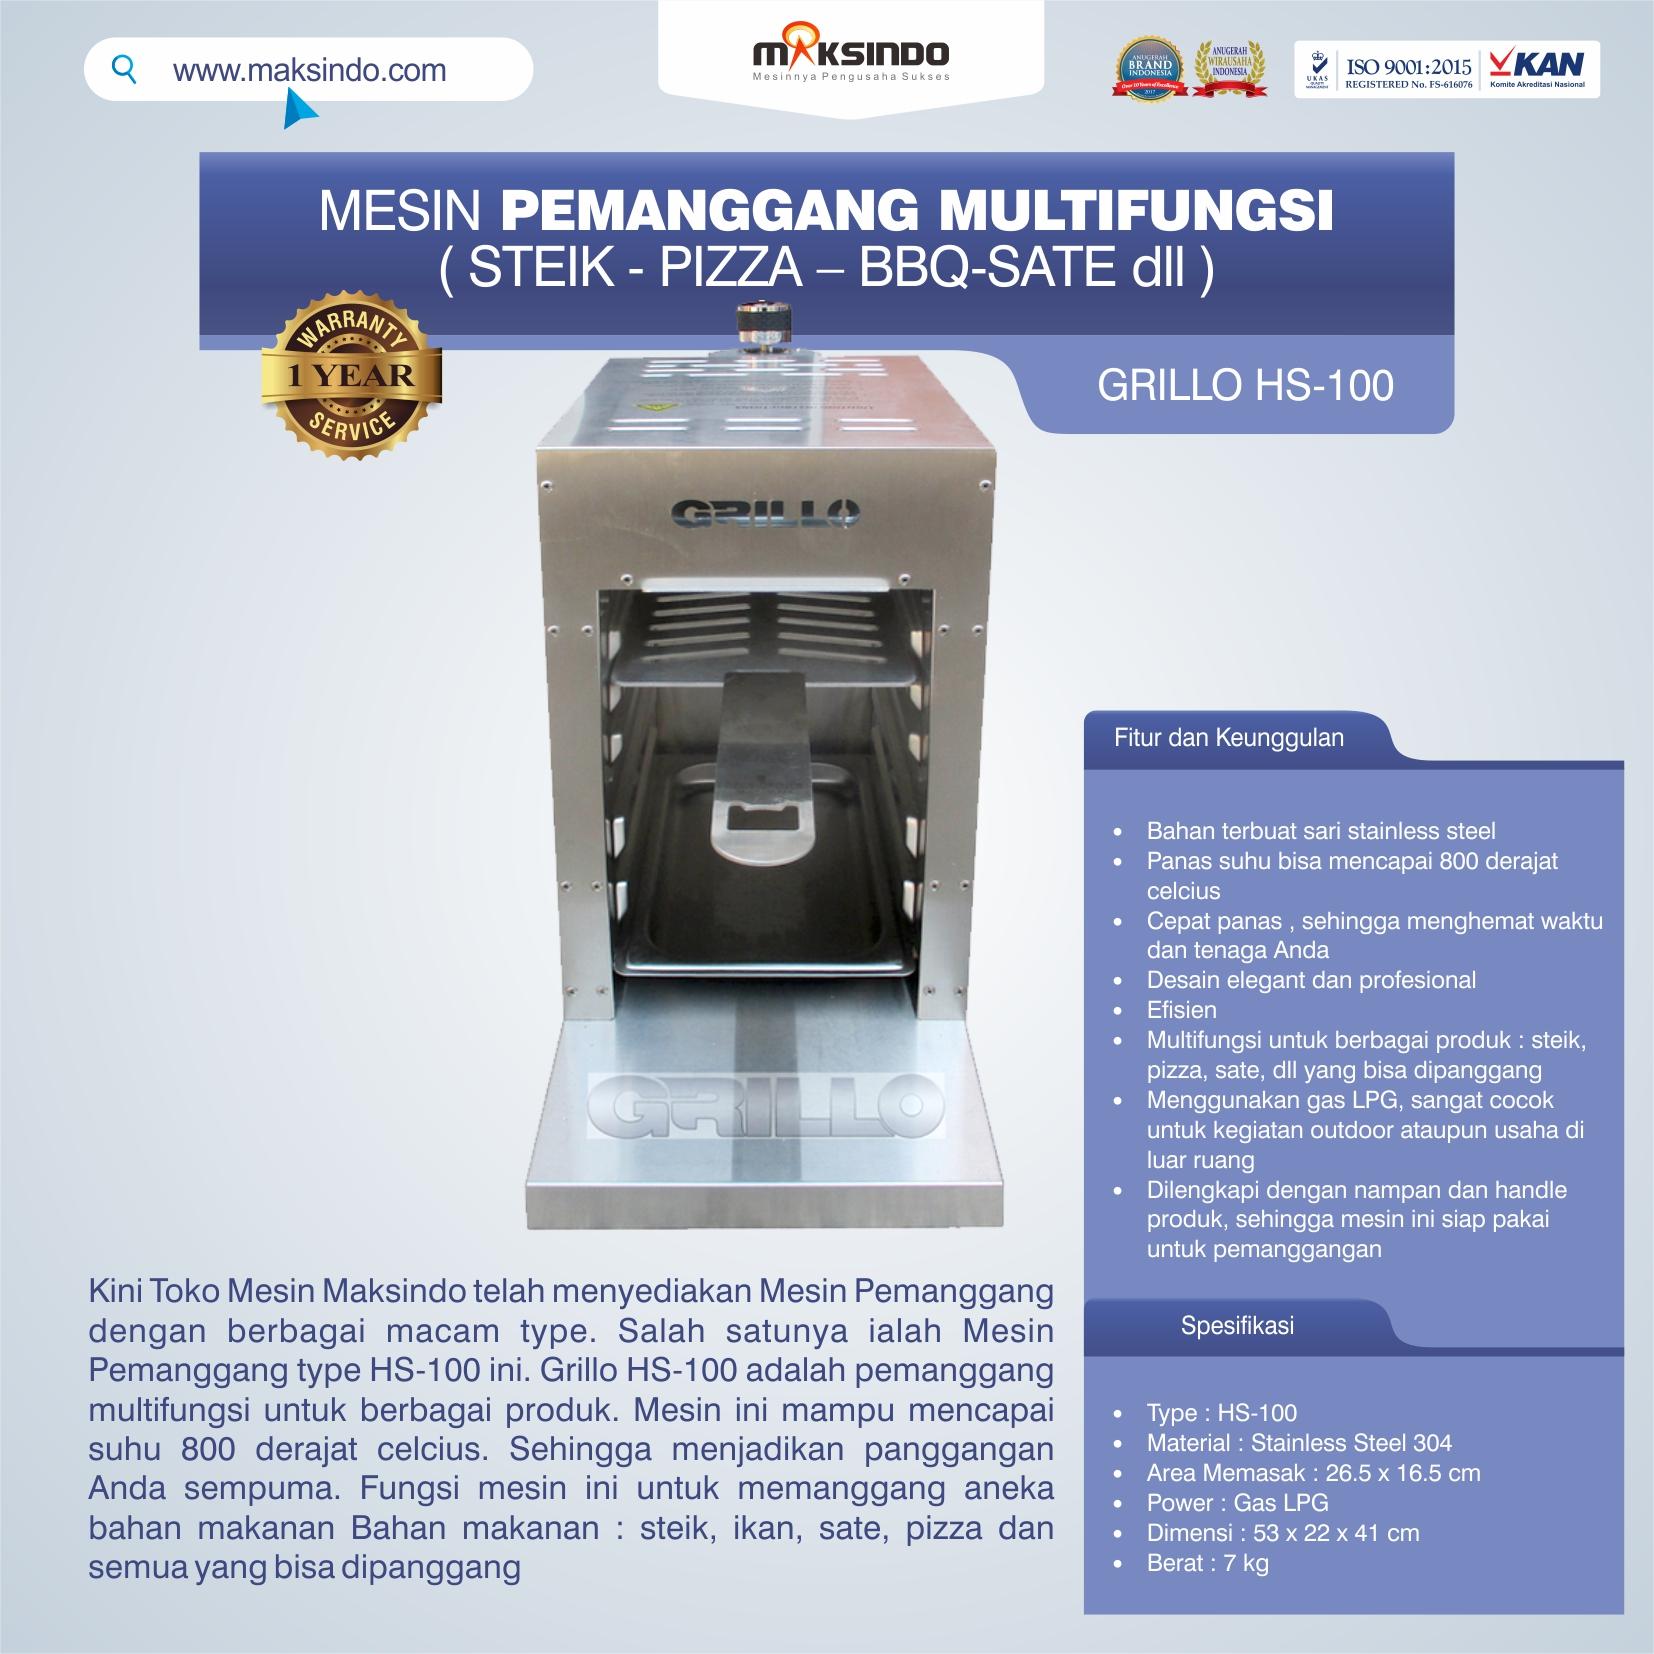 Jual Mesin Pemanggang Steik – Pizza (GRILLO  HS-100) di Jakarta